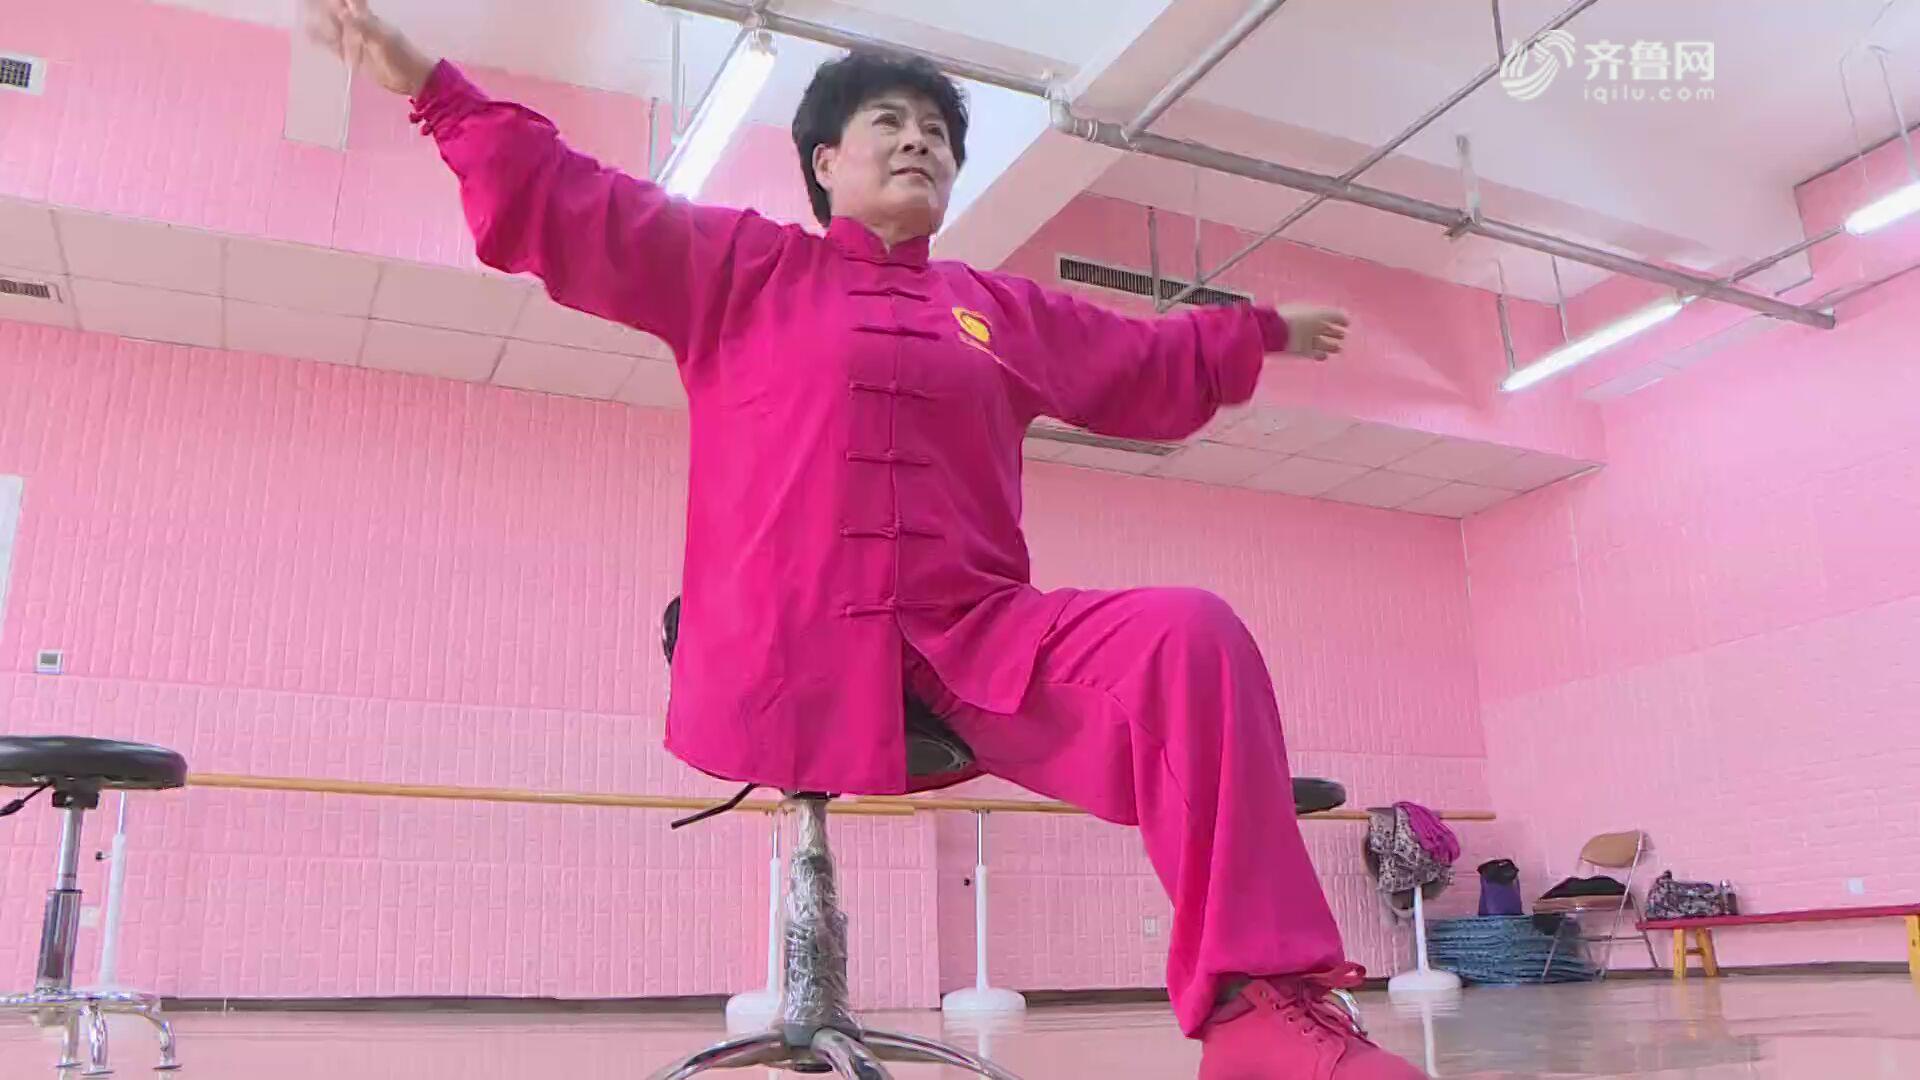 失去右腿不放弃 55岁阿姨练成转椅太极拳